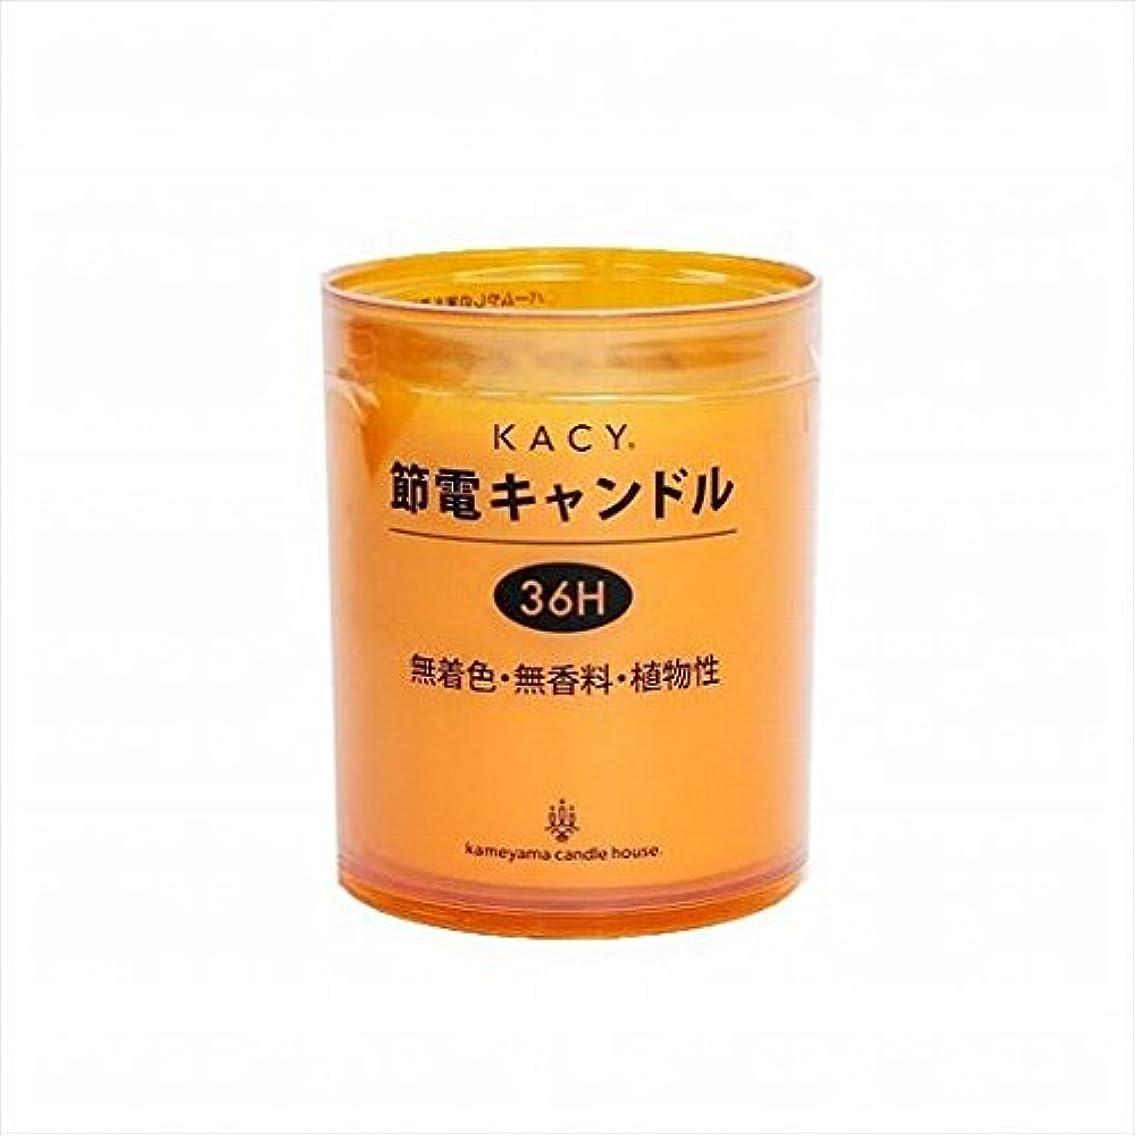 植物学者デコードする投げ捨てるkameyama candle(カメヤマキャンドル) 節電キャンドル 36時間タイプ 「 オレンジ 」 キャンドル 83x83x100mm (A9610010OR)